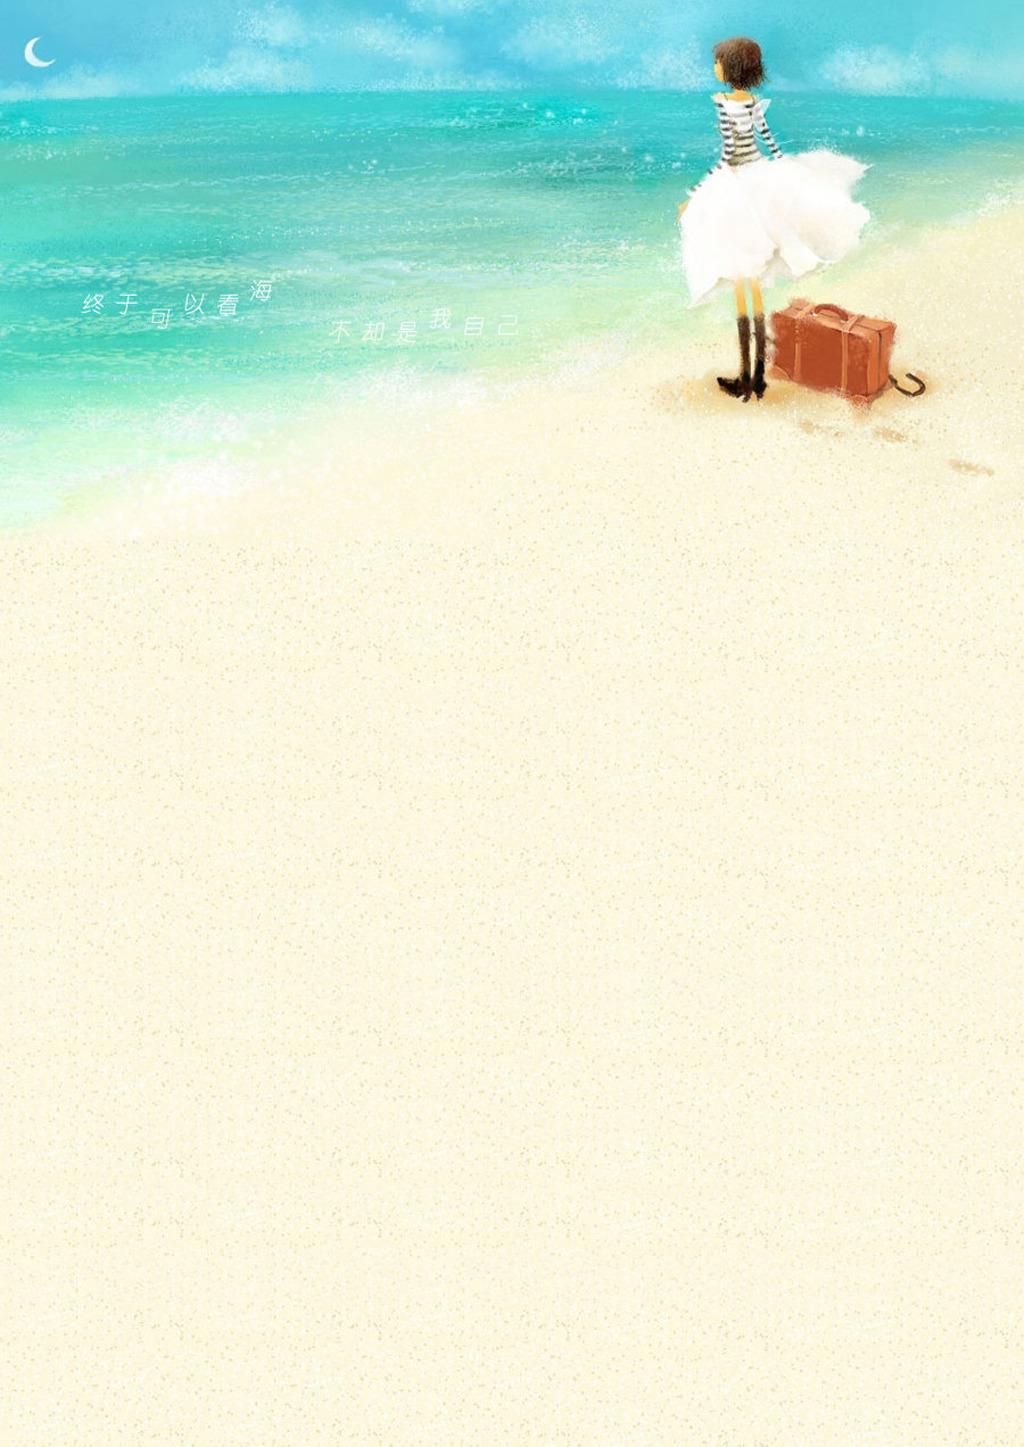 办公|ppt模板 word模板 信纸背景 > 海边旅行信纸背景  下一张&